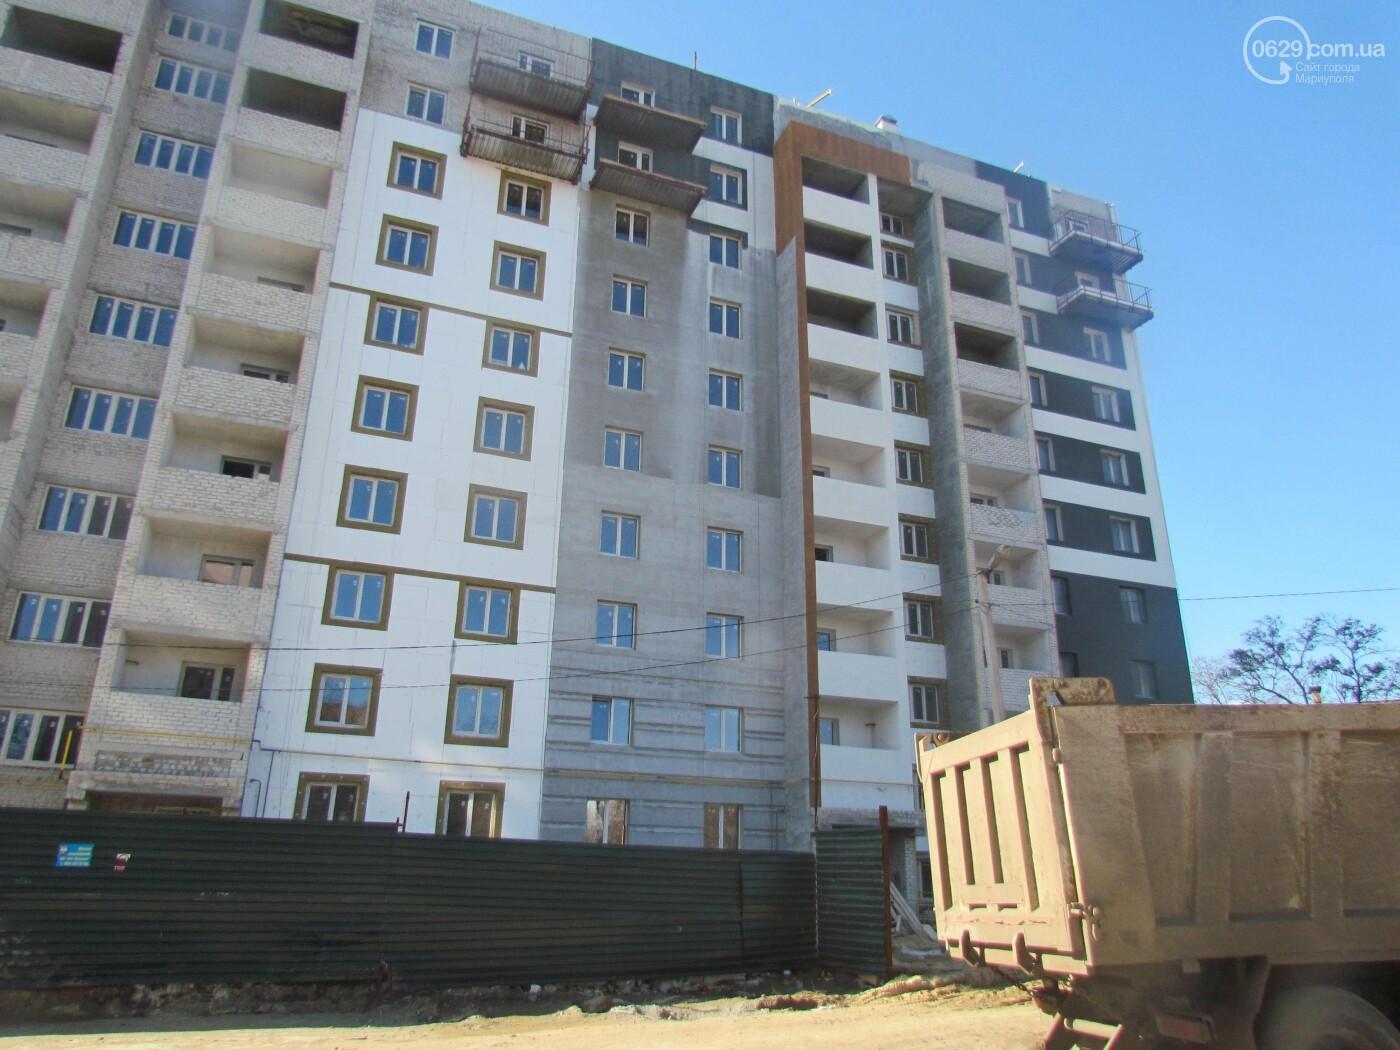 В Мариуполе из бюджета выделили 15 млн грн на строительство дома для СБУ, - ФОТОРЕПОРТАЖ с места строительства, фото-3